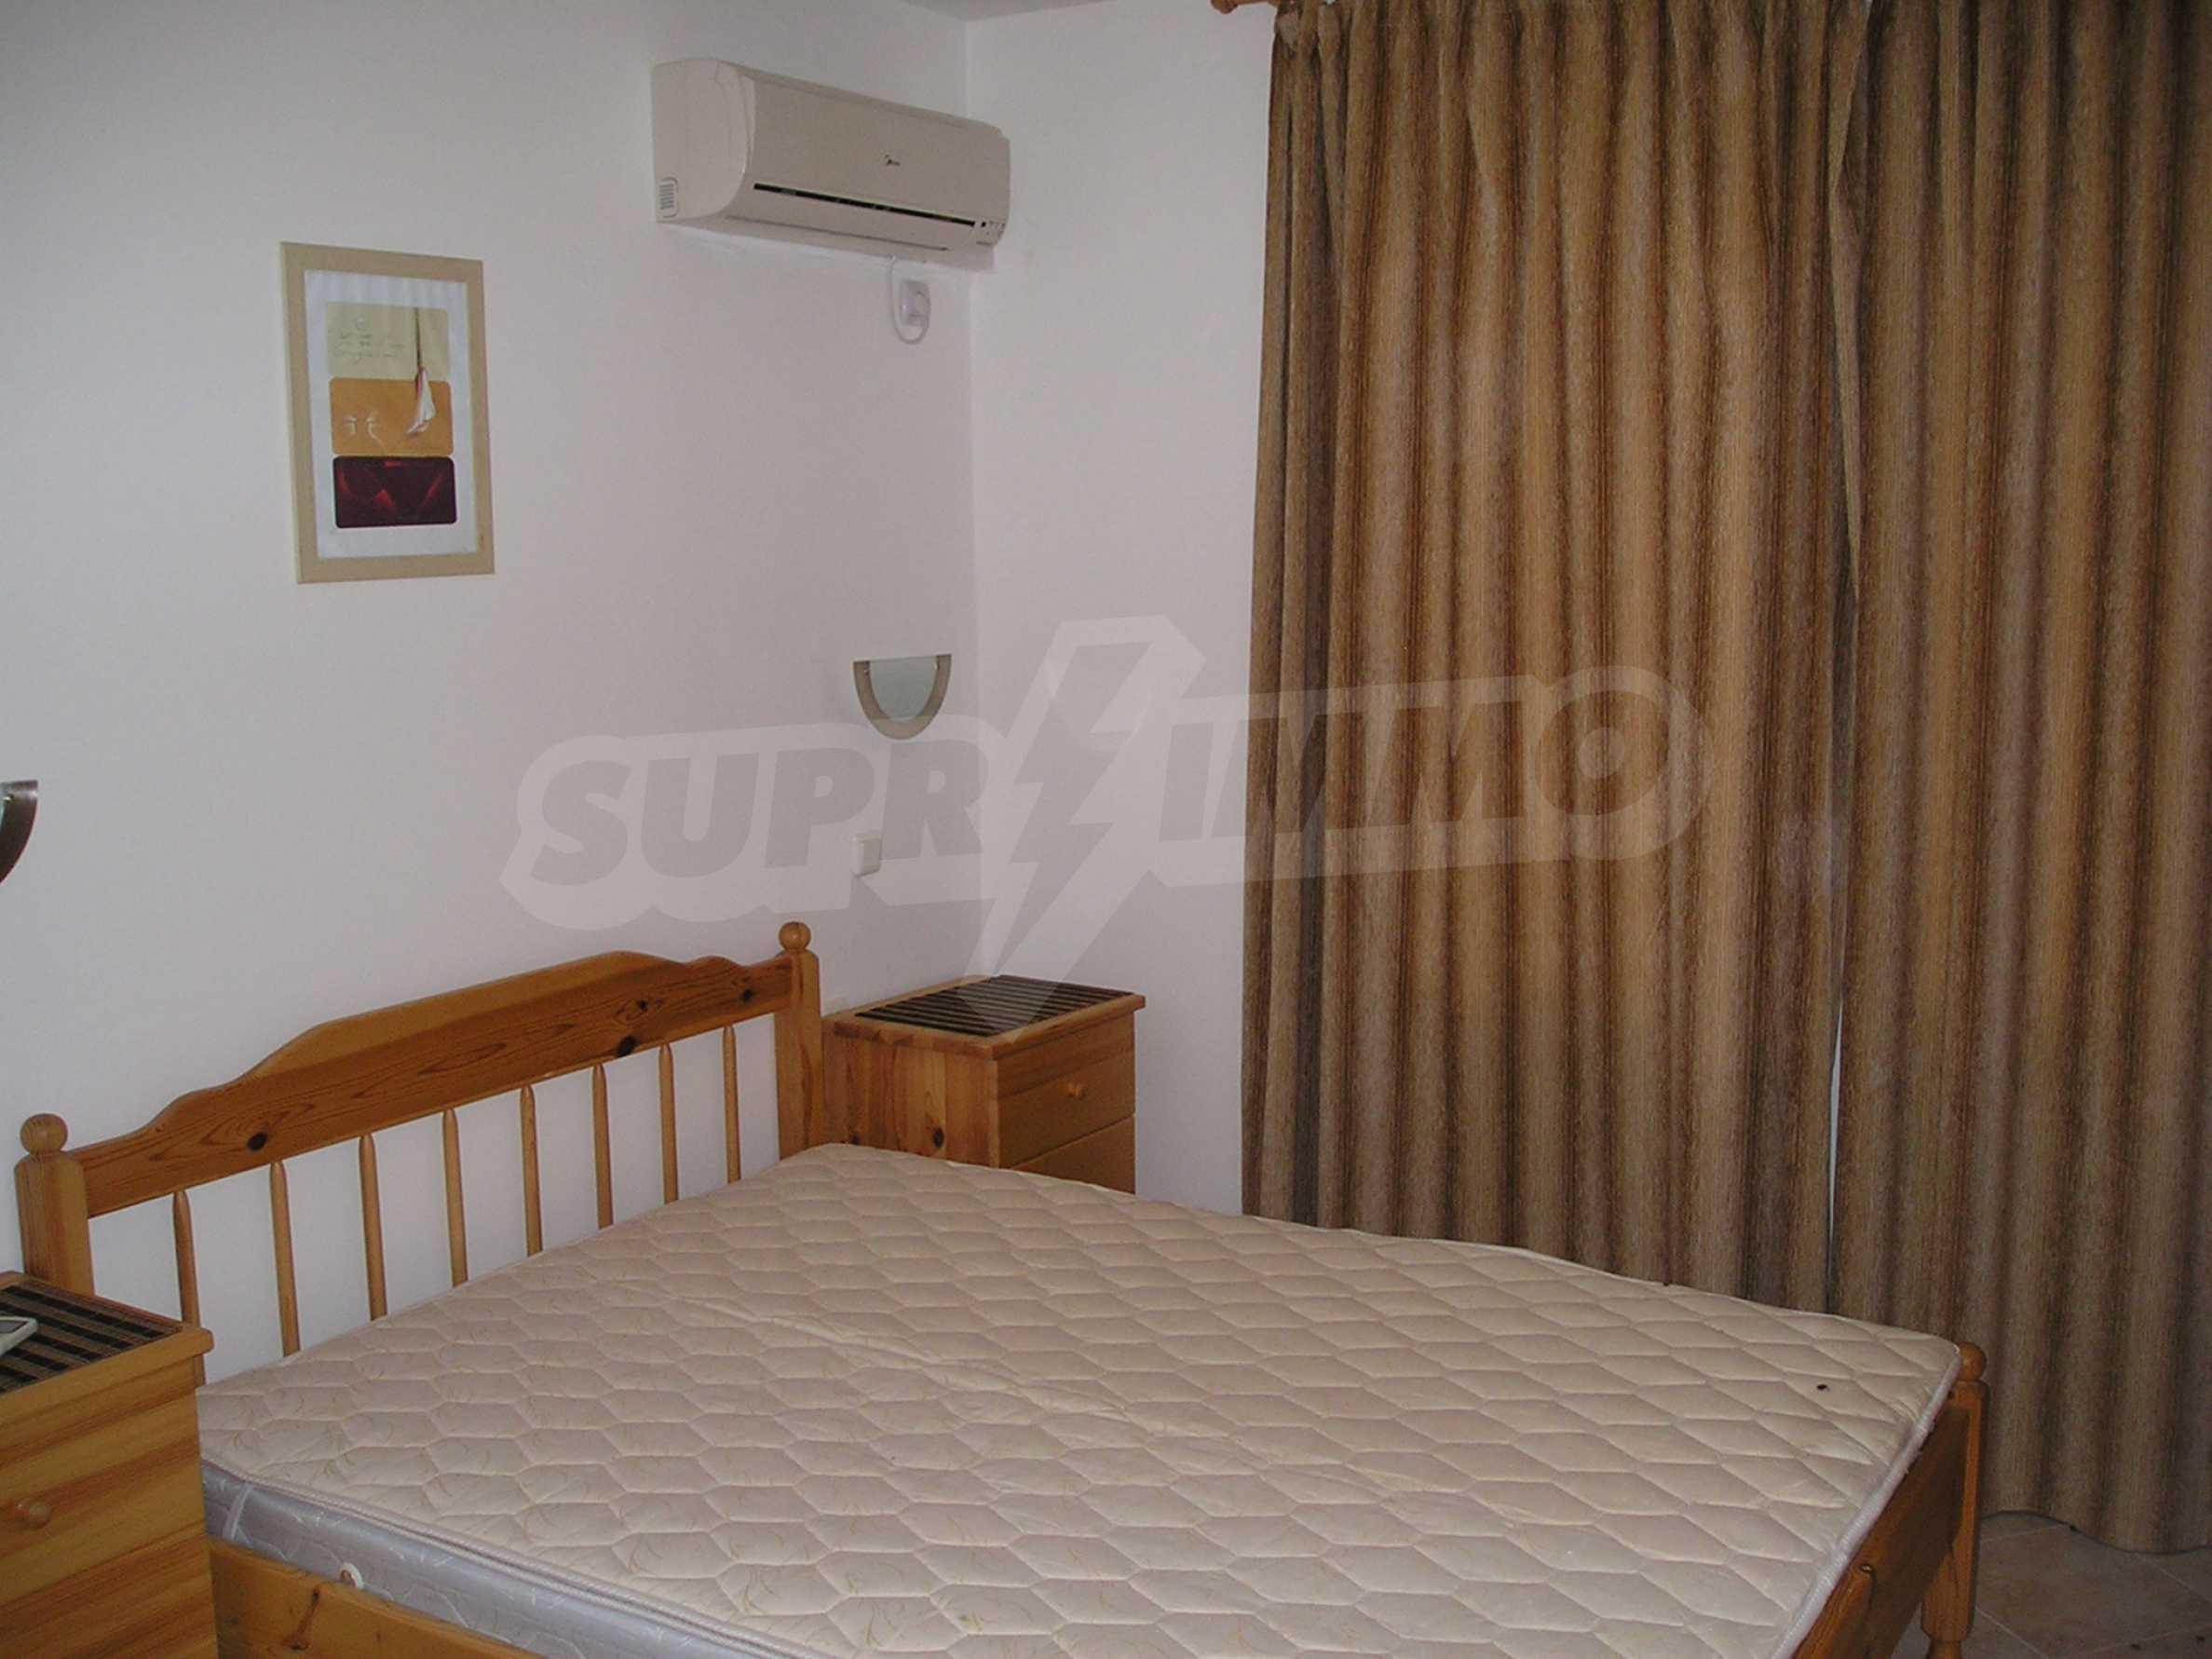 Ein-Zimmer-Wohnung in Sunset Apartments 1 in Kosharitsa 15